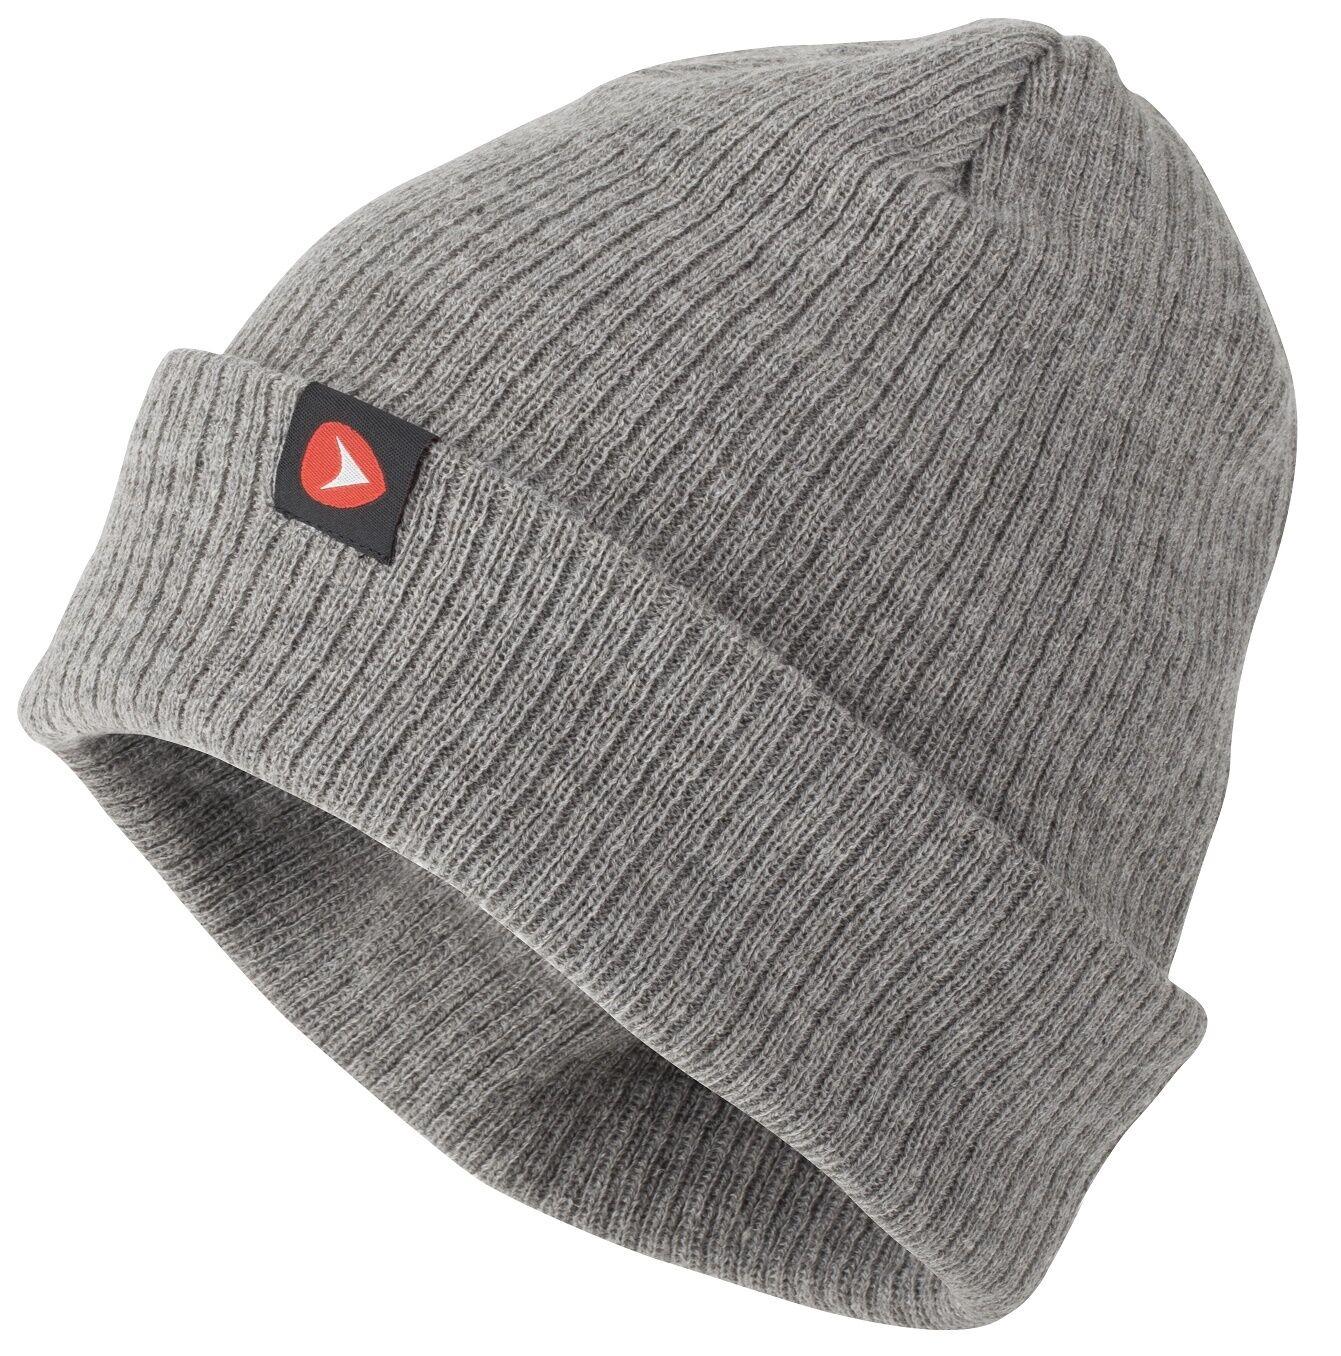 Greys Knitted Ribbed Beanie 1374098 Mütze Wintermütze Angelmütze